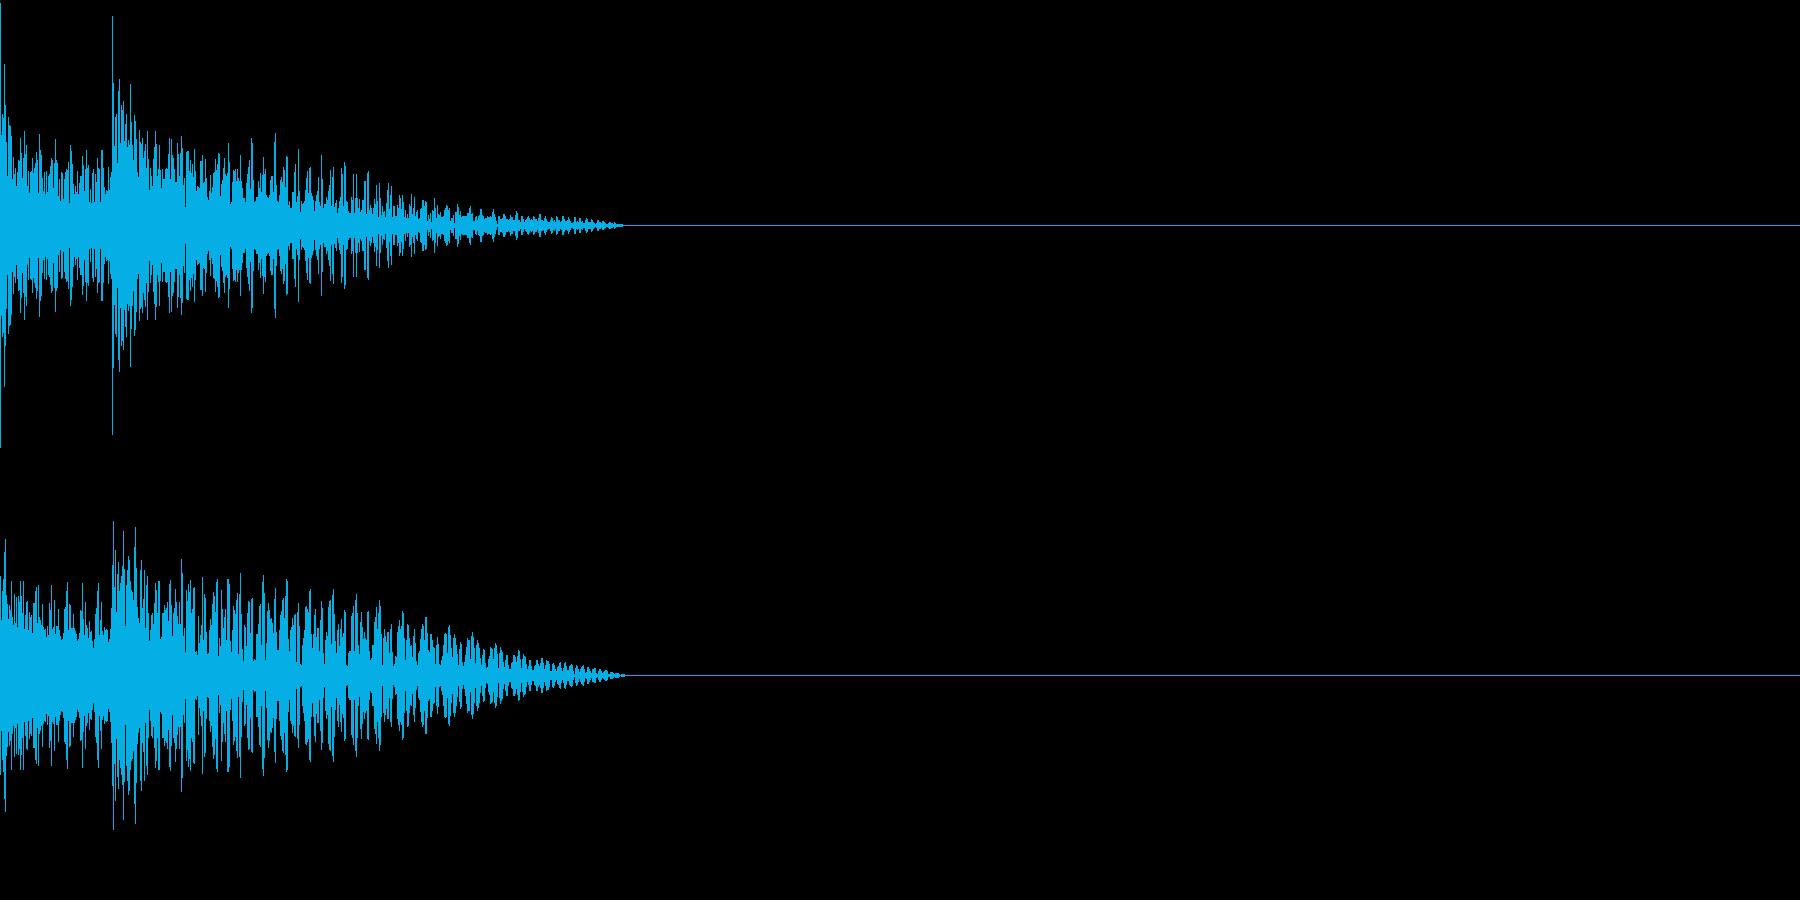 Cursor セレクト・カーソルの音7の再生済みの波形